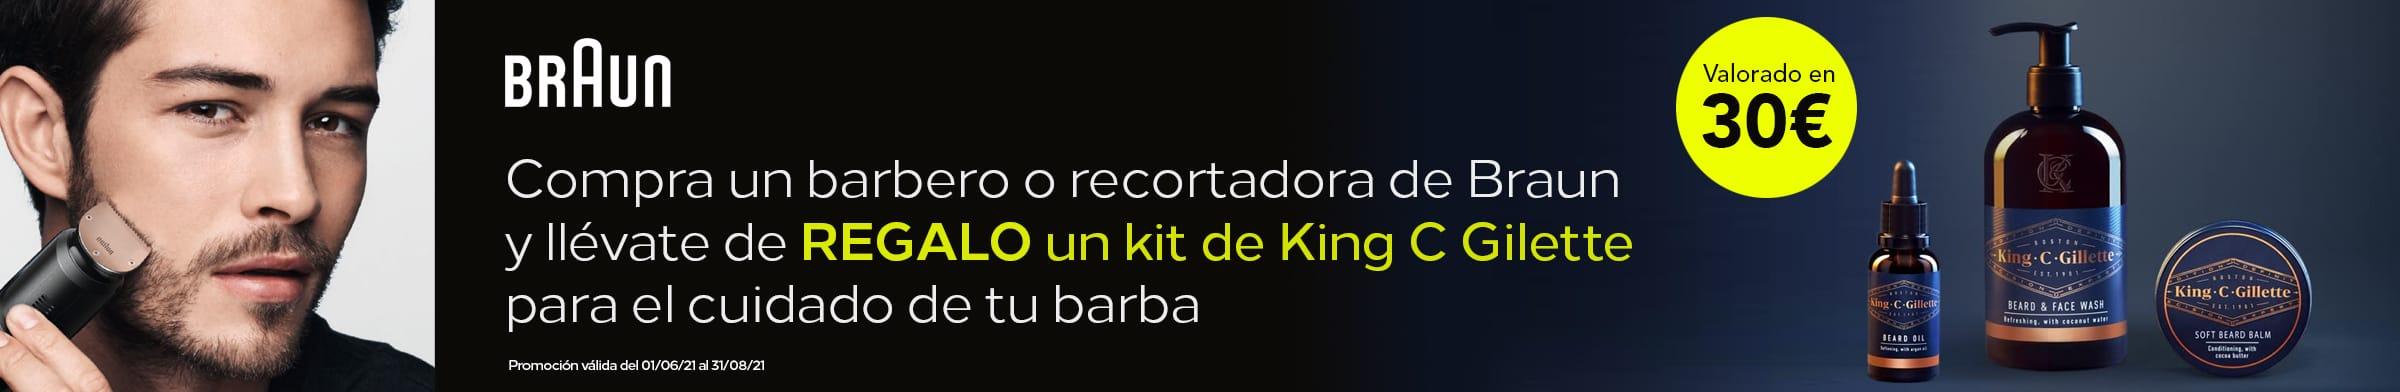 King Gillette